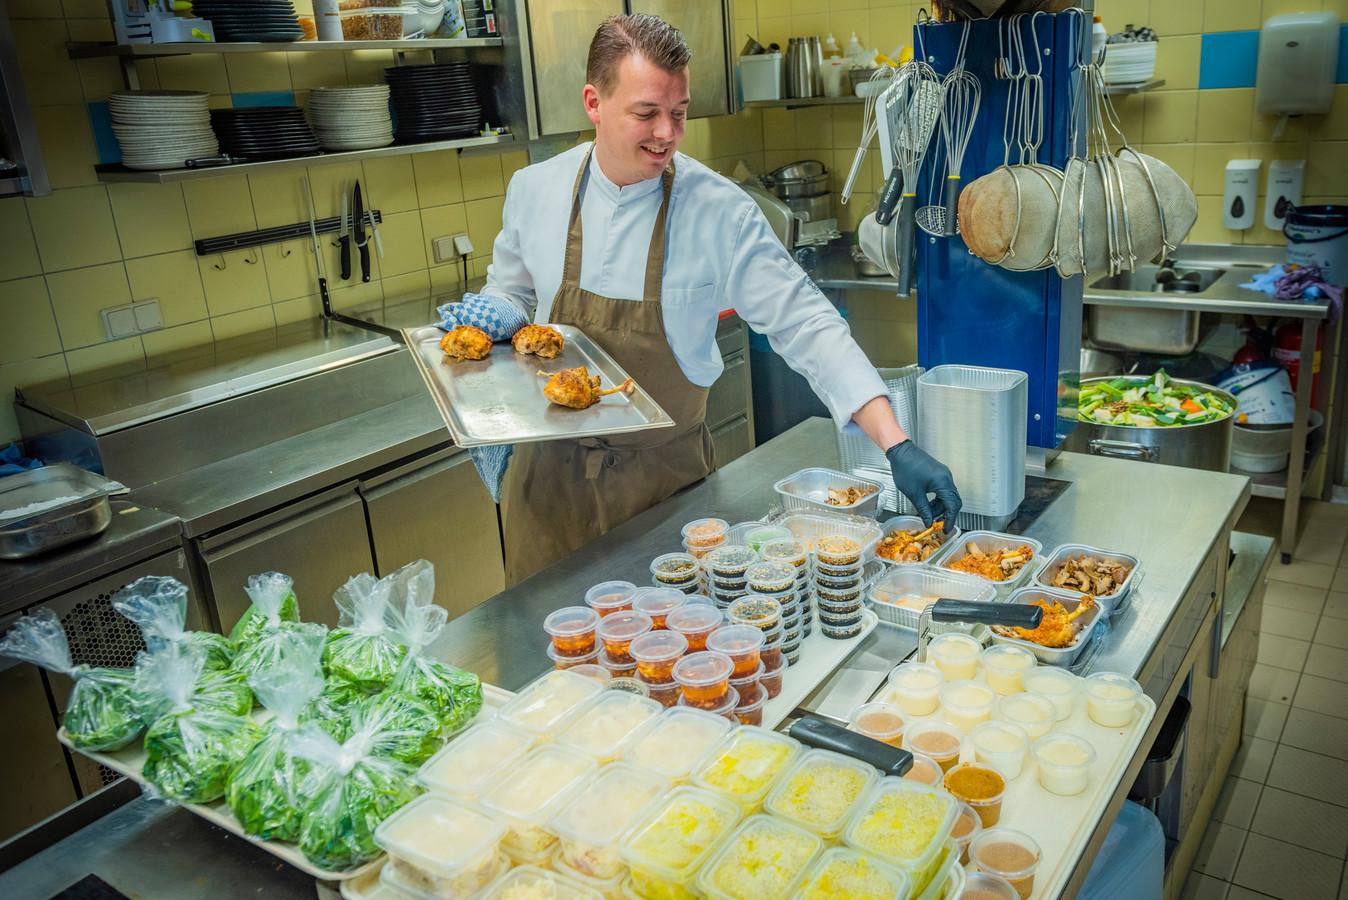 Chef-kok Dennis Bruinzeel van restaurant Hoeve Kromwijk legt zijn culinaire creaties in plastic bakjes.